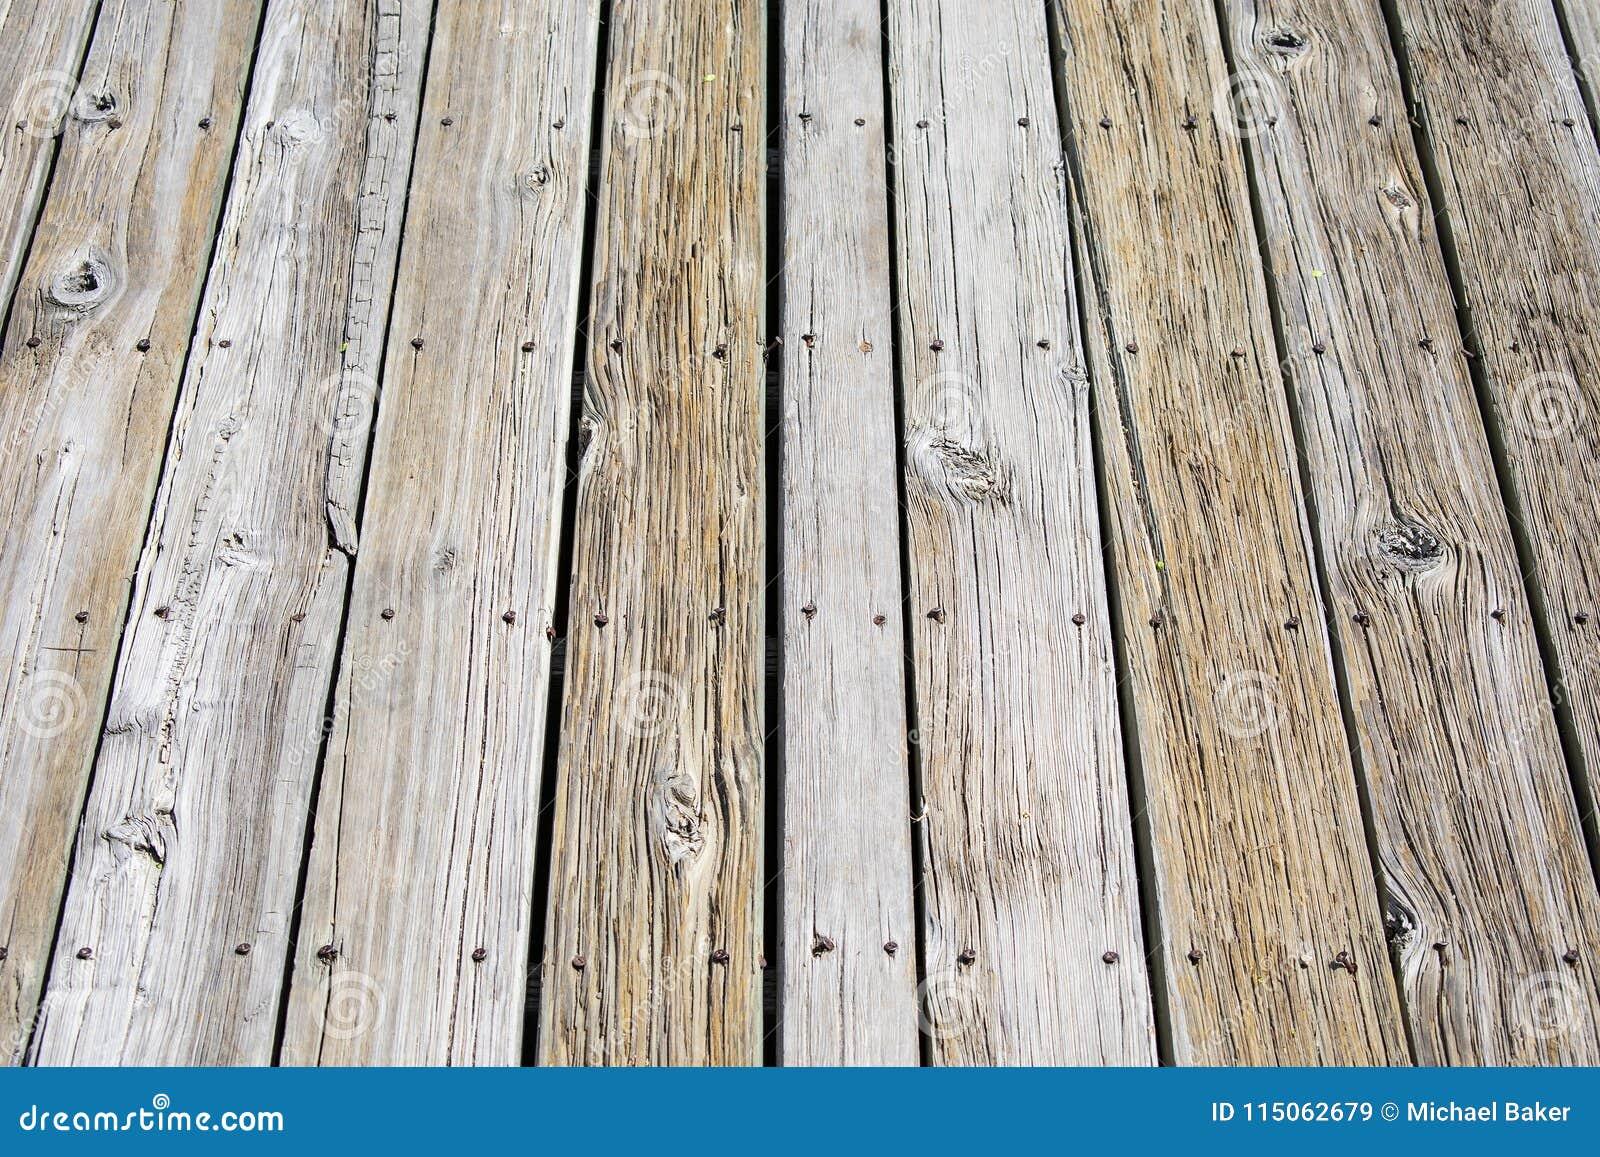 Текстура украшать и винтов древесины